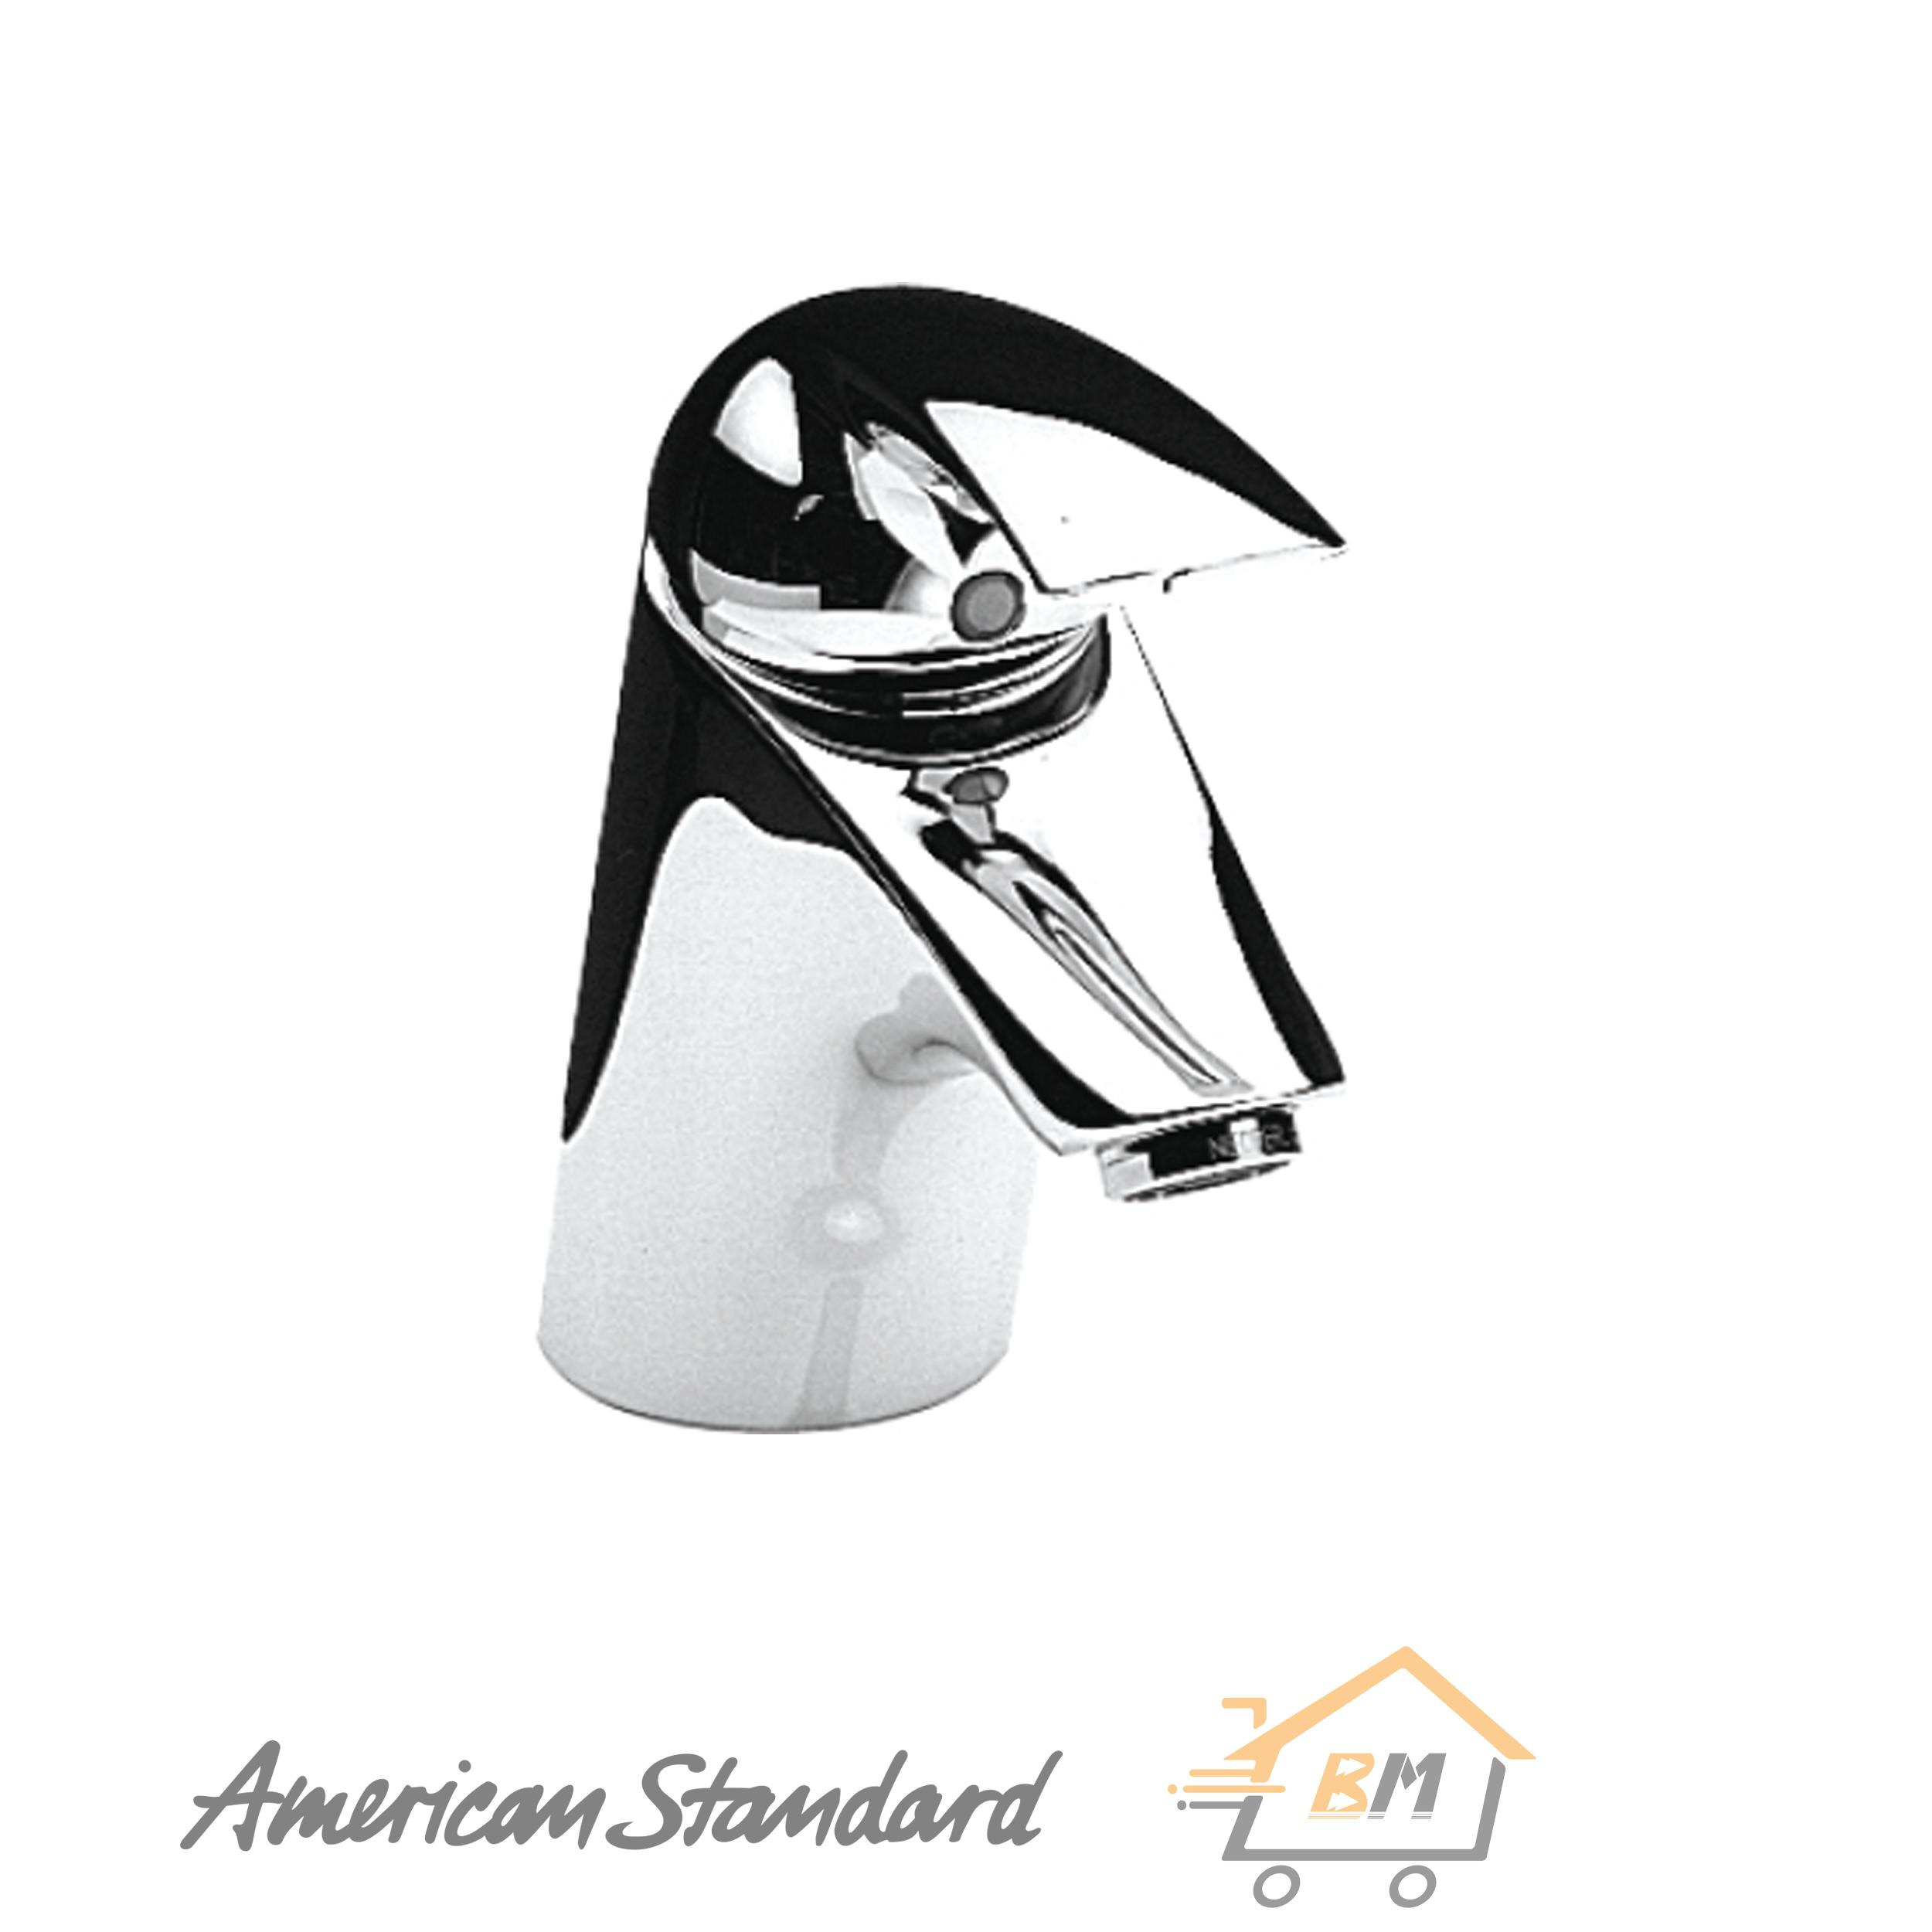 ก๊อกน้ำ American Standard (A-1621)